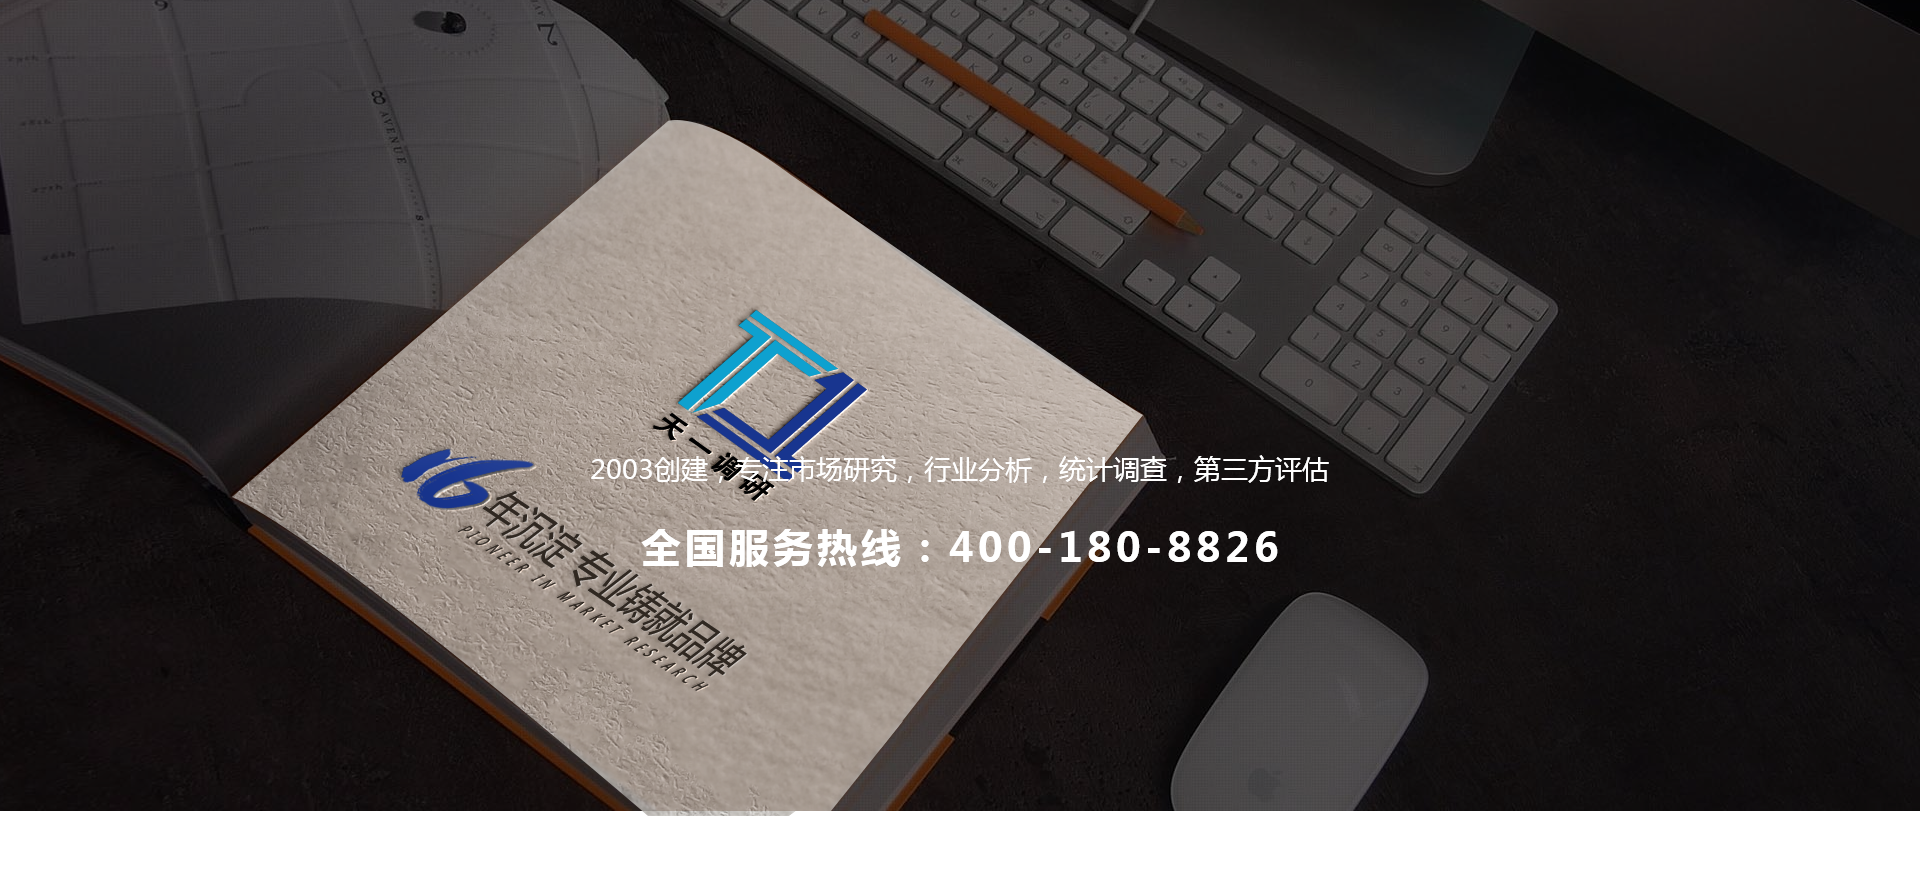 必威官方网站登录市场必威体育官网网址|下载首页公司